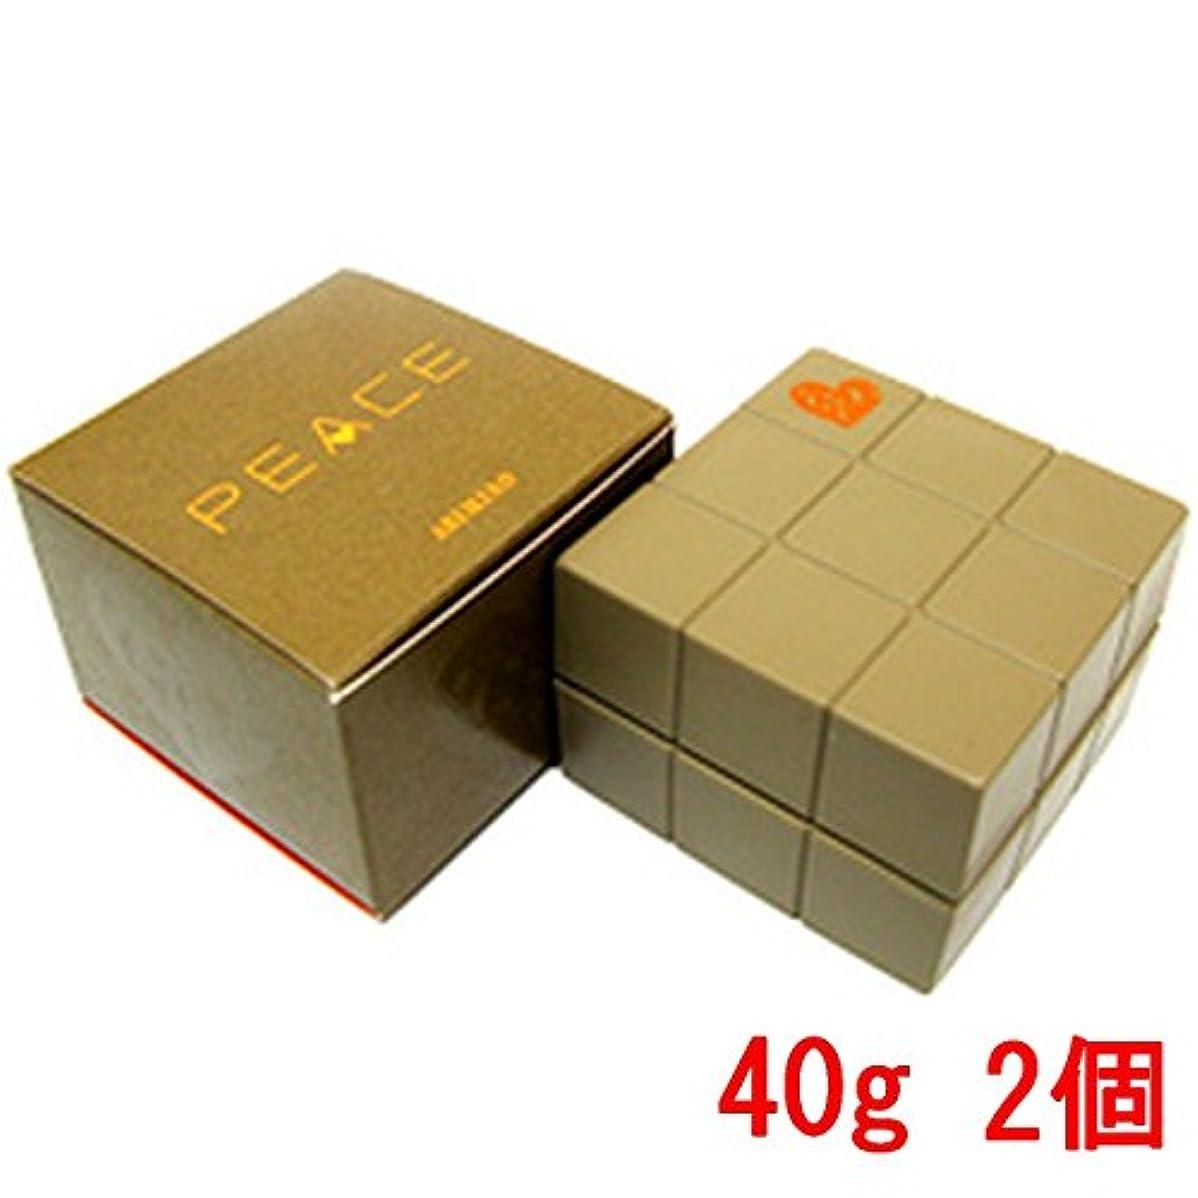 忠実にマージン逆さまにアリミノ ピース プロデザイン ソフトワックス40g ×2個 セット arimino PEACE